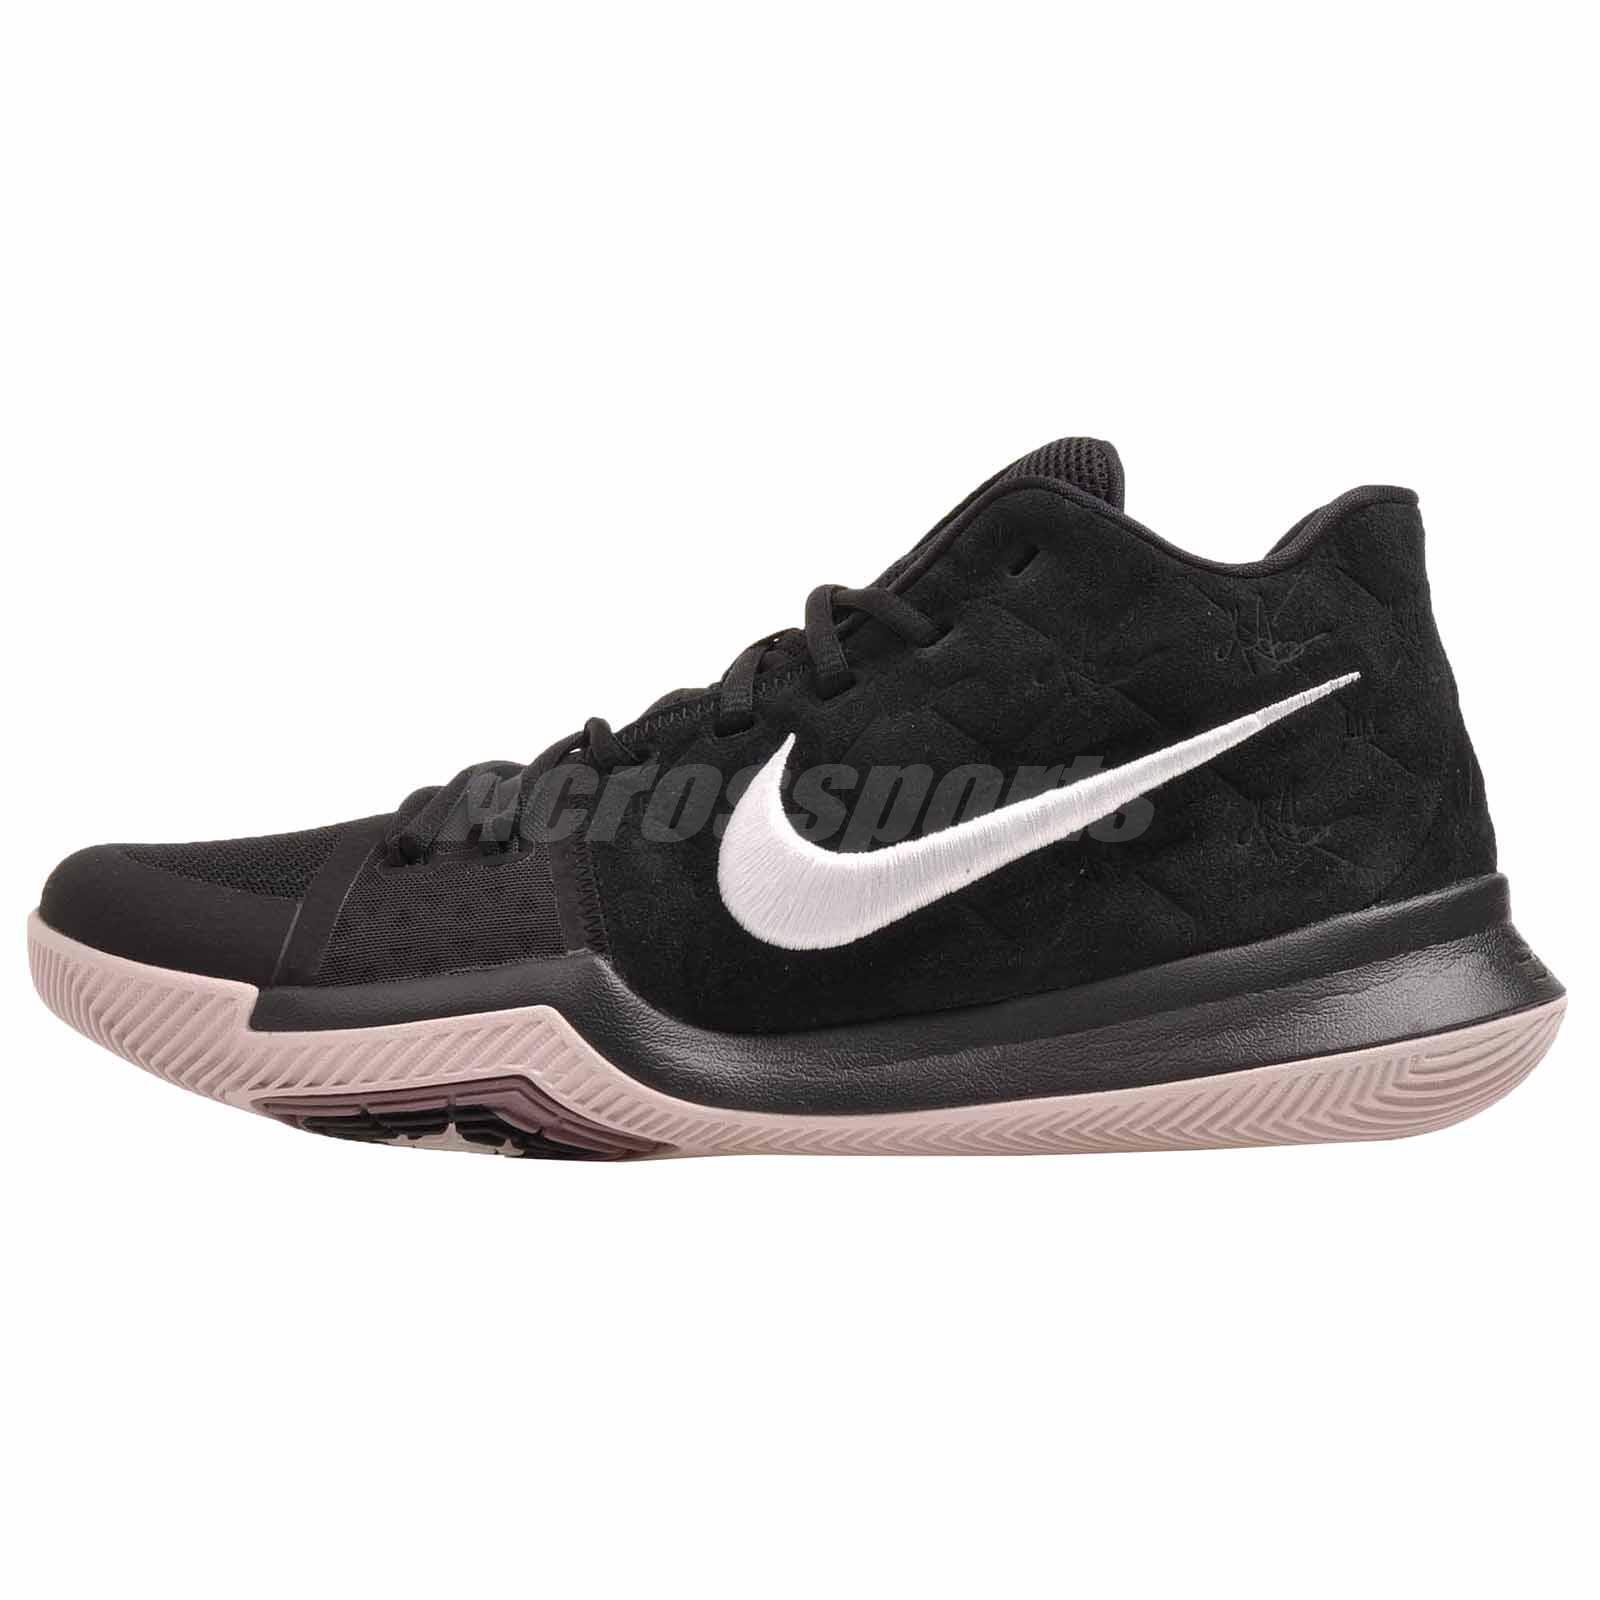 Nike kyrie 3 pallacanestro mens scarpe bianco nero 852395-010 | Non così costoso  | Gentiluomo/Signora Scarpa